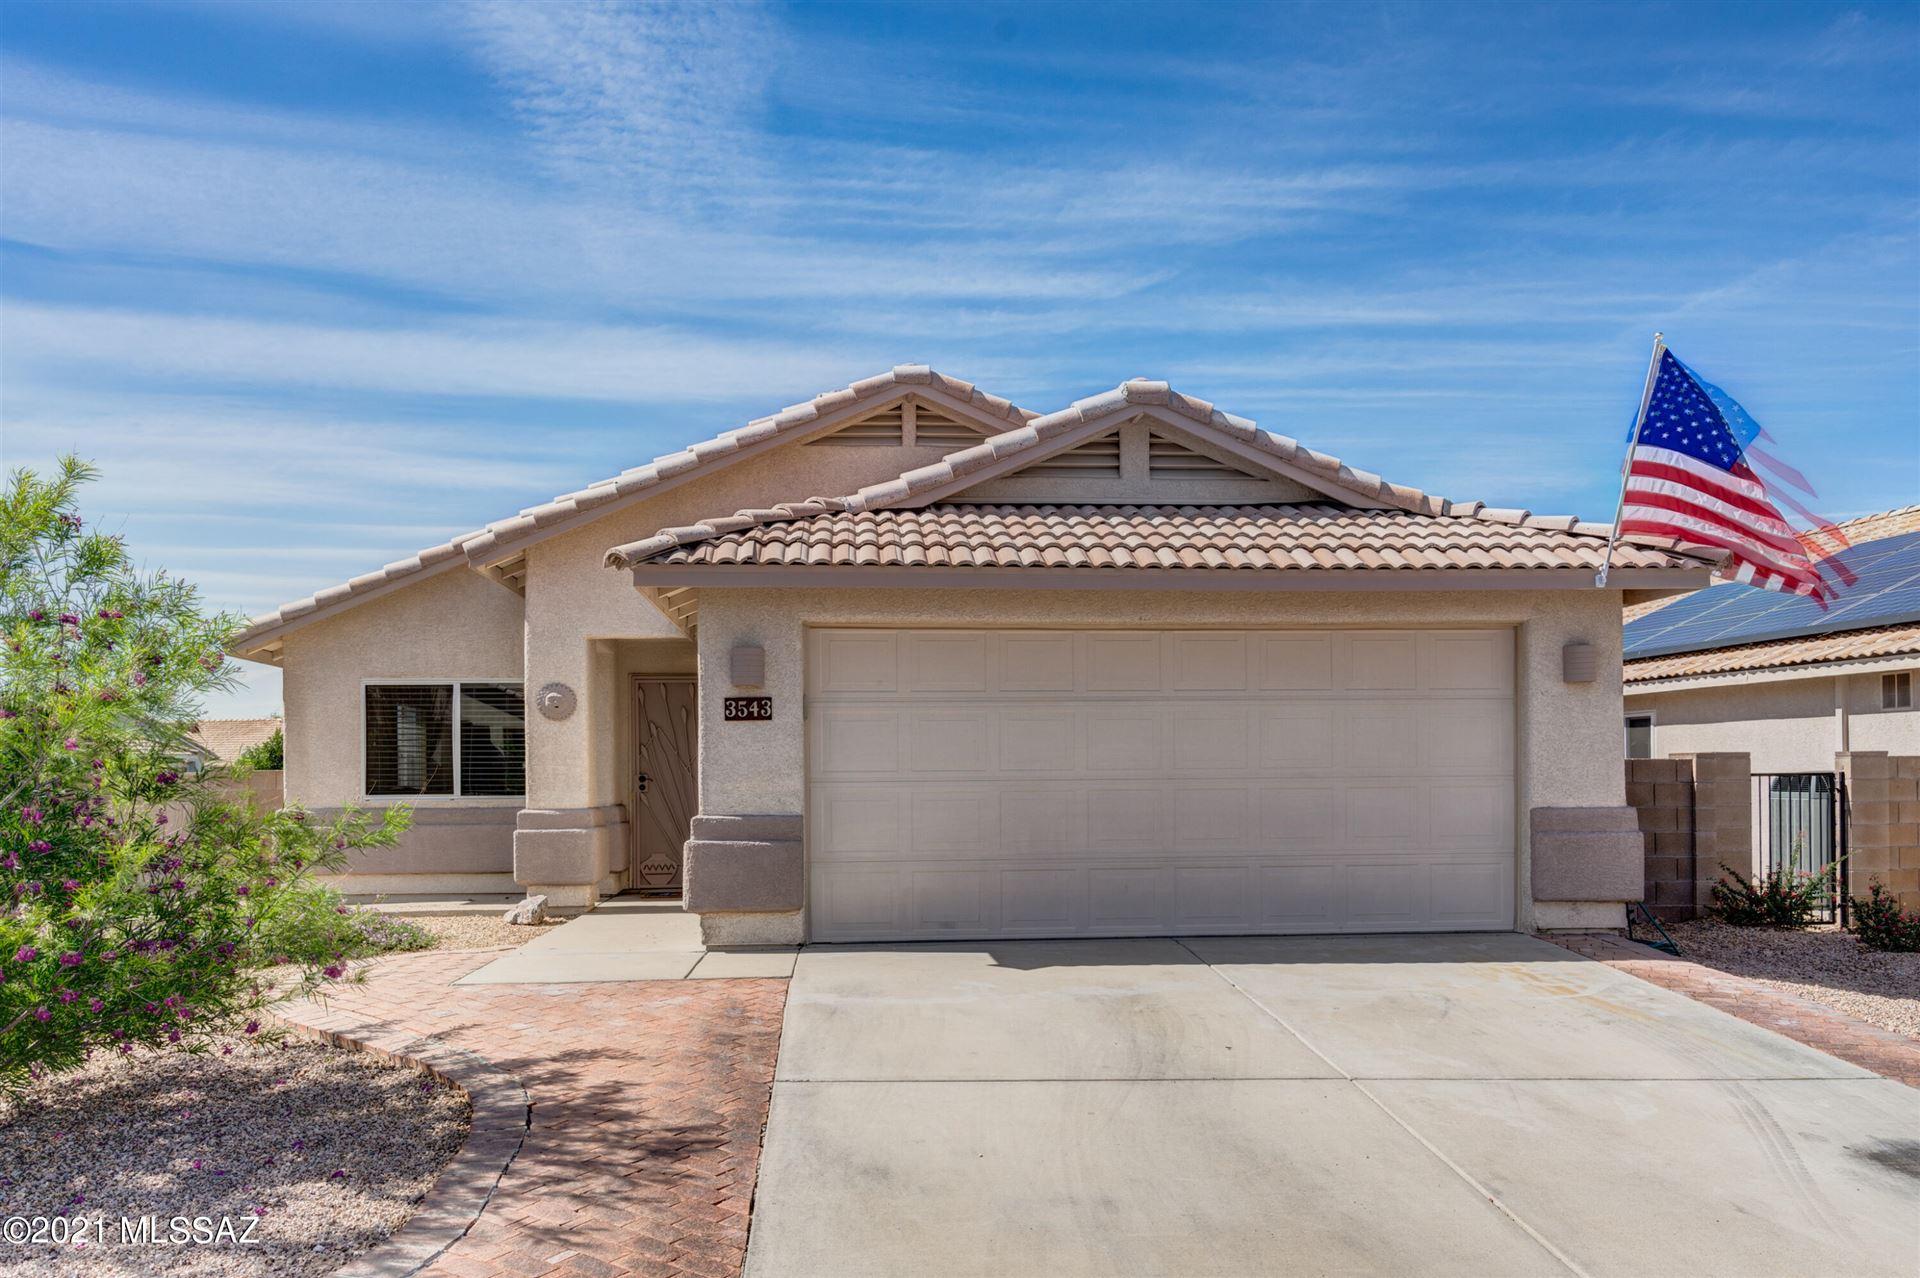 3543 N Avenida Albor, Tucson, AZ 85745 - MLS#: 22111882